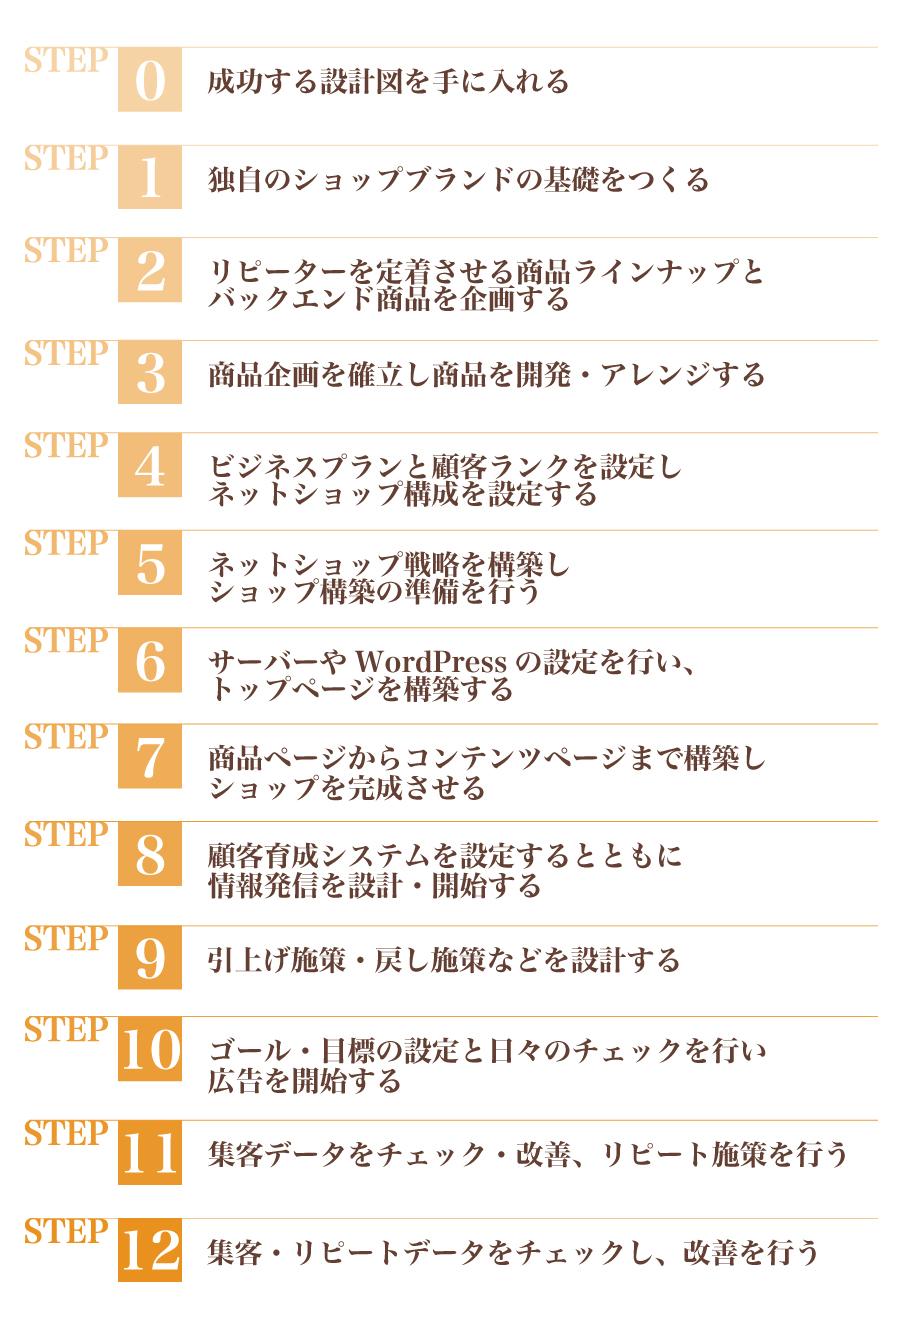 行列ショッププログラム12ステップ